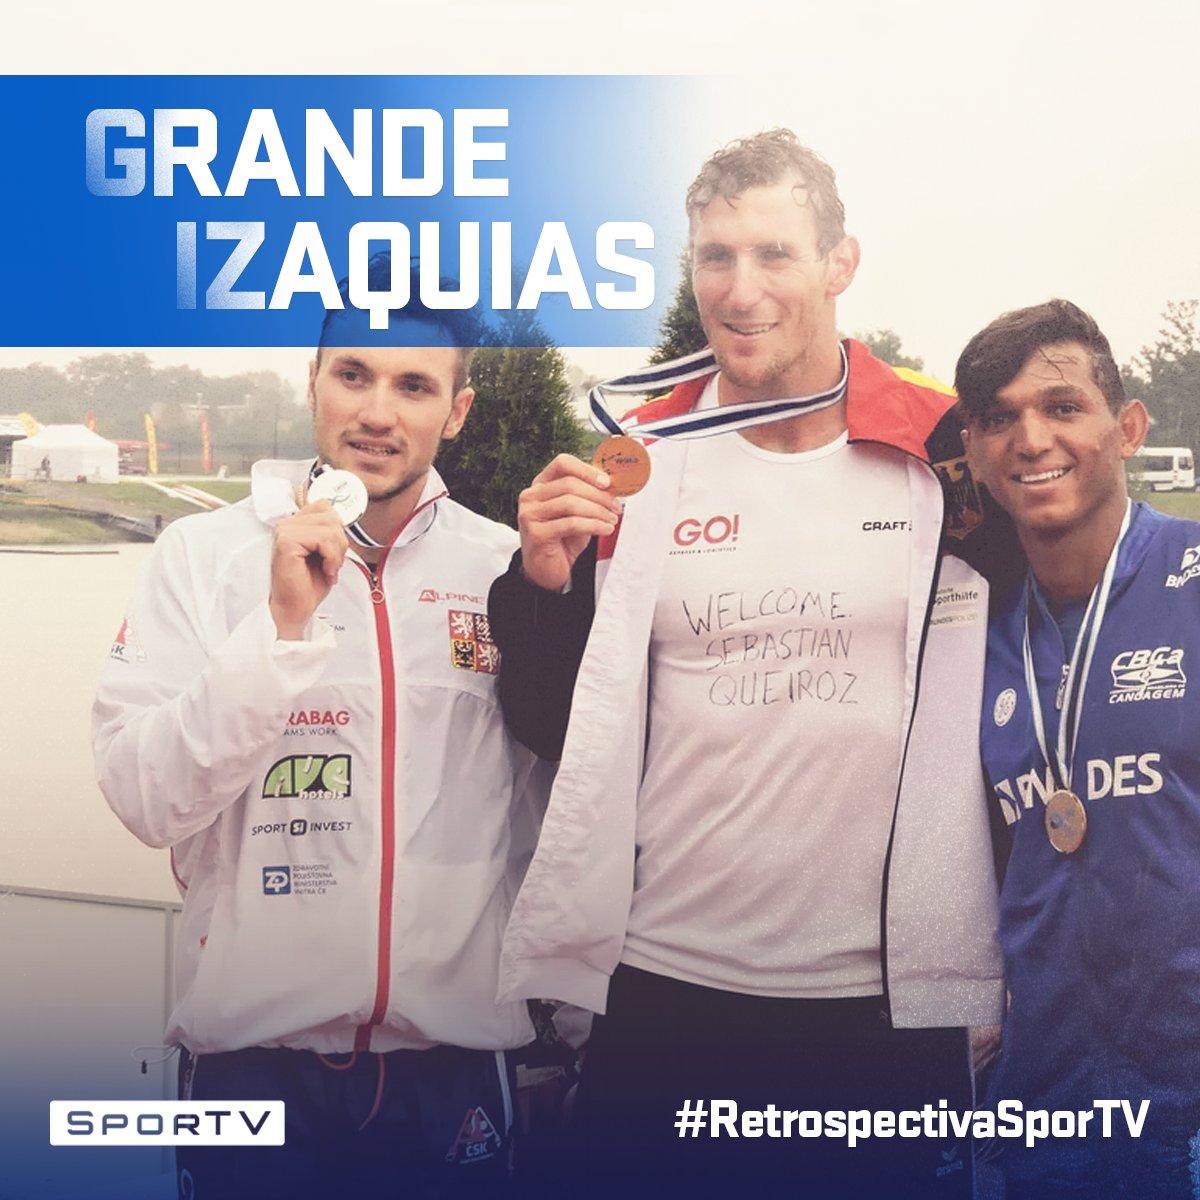 Maior medalhista em uma única Olimpíada, Isaquias Queiroz terminou o Mundial de Canoagem com uma medalha de bronze.   Fique por dentro dos principais acontecimentos de agosto de 2017 na #RetrospectivaSporTV!